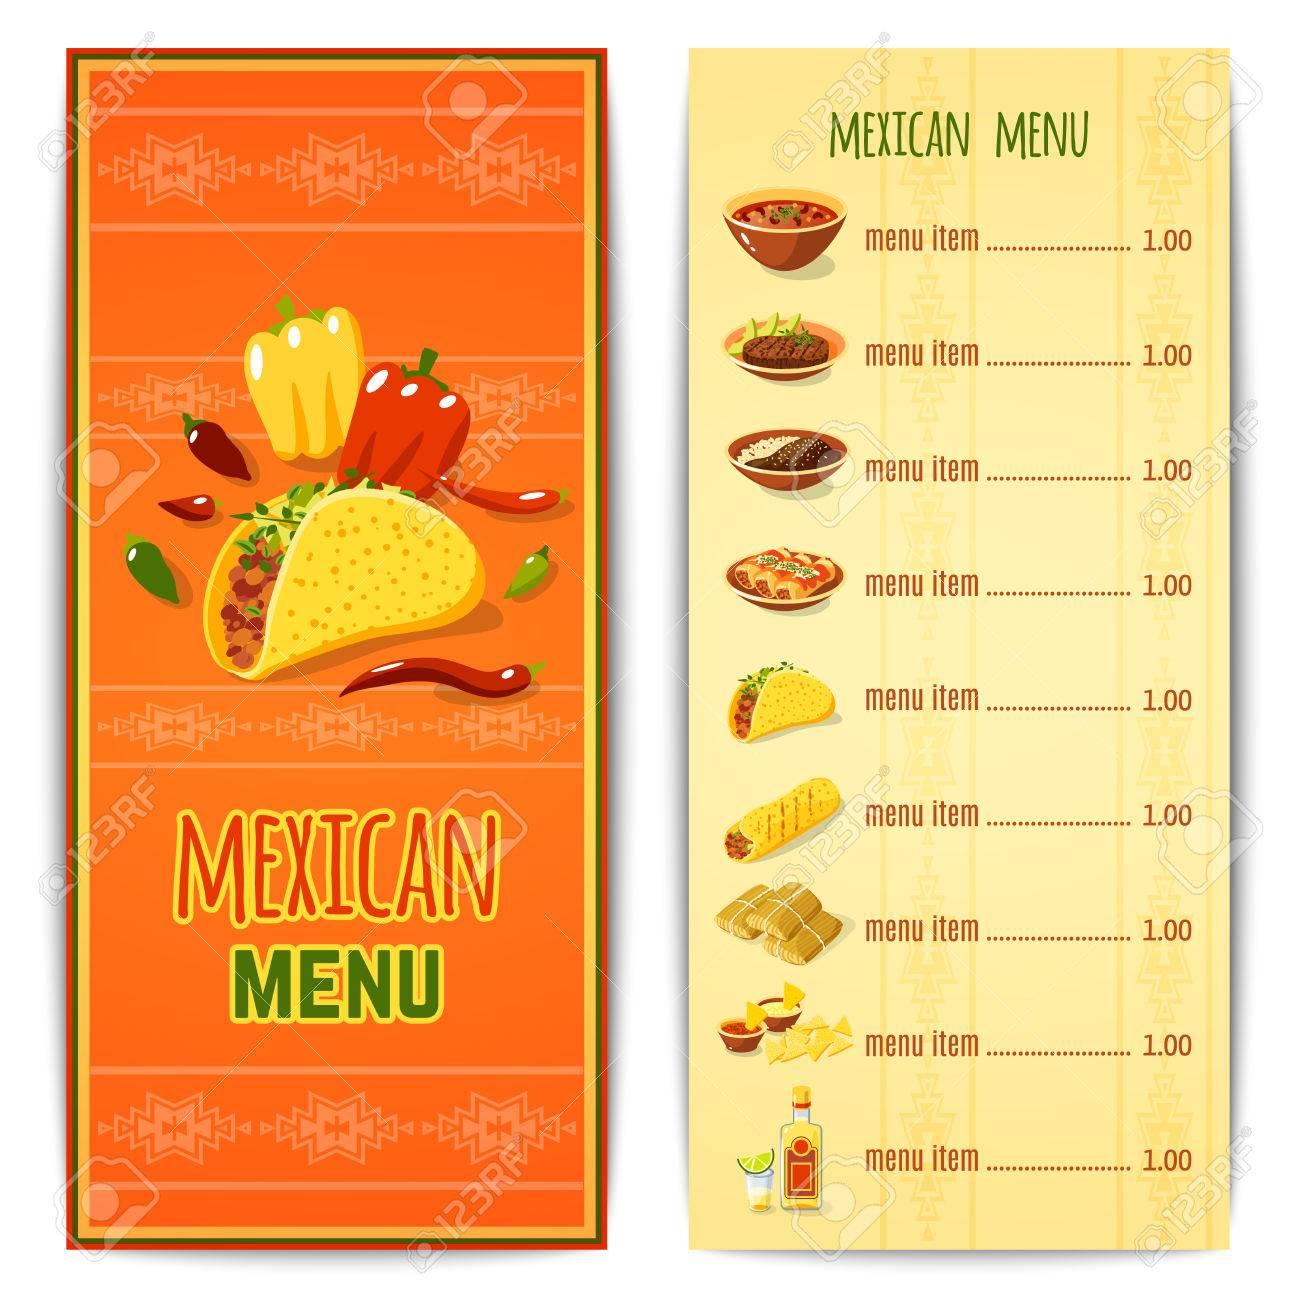 Plantilla De Menu De Un Restaurante Mexicano Con Tradicional Ilustracion Vectorial Picante Cocina Comida Ilustraciones Vectoriales Clip Art Vectorizado Libre De Derechos Image 38304654